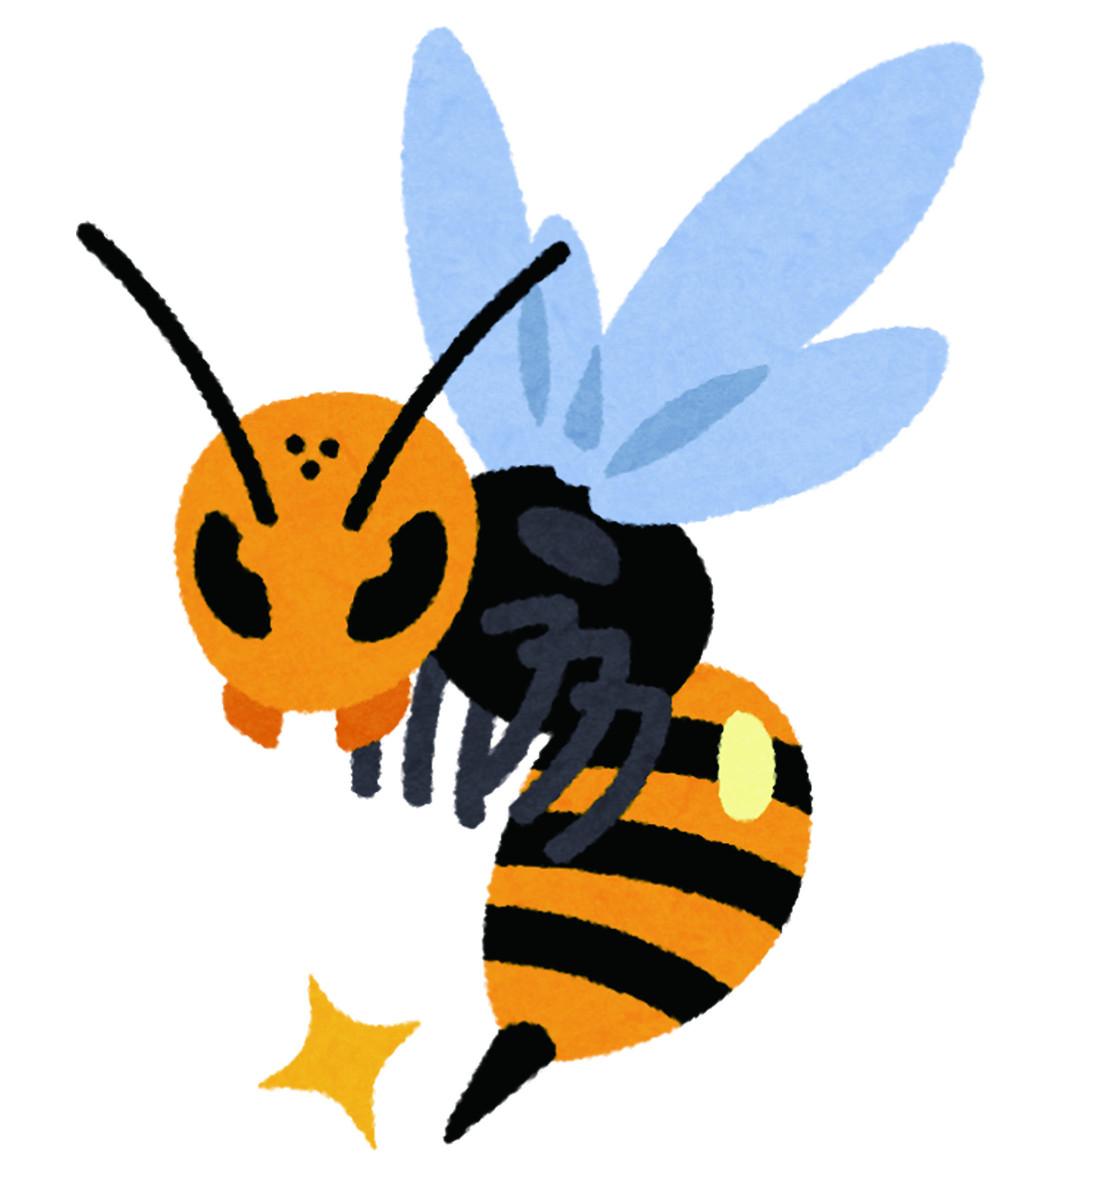 蜂類總是令人覺得害怕,更何況飛入屋內或者在住宅附近盤旋,甚至築巢。在思考怎麼處理這些令人嚇破膽的蜜蜂前,首要必須先分辨幾種不同的蜂類,他們分別有不同的外貌、習性與不同程度的威脅性。